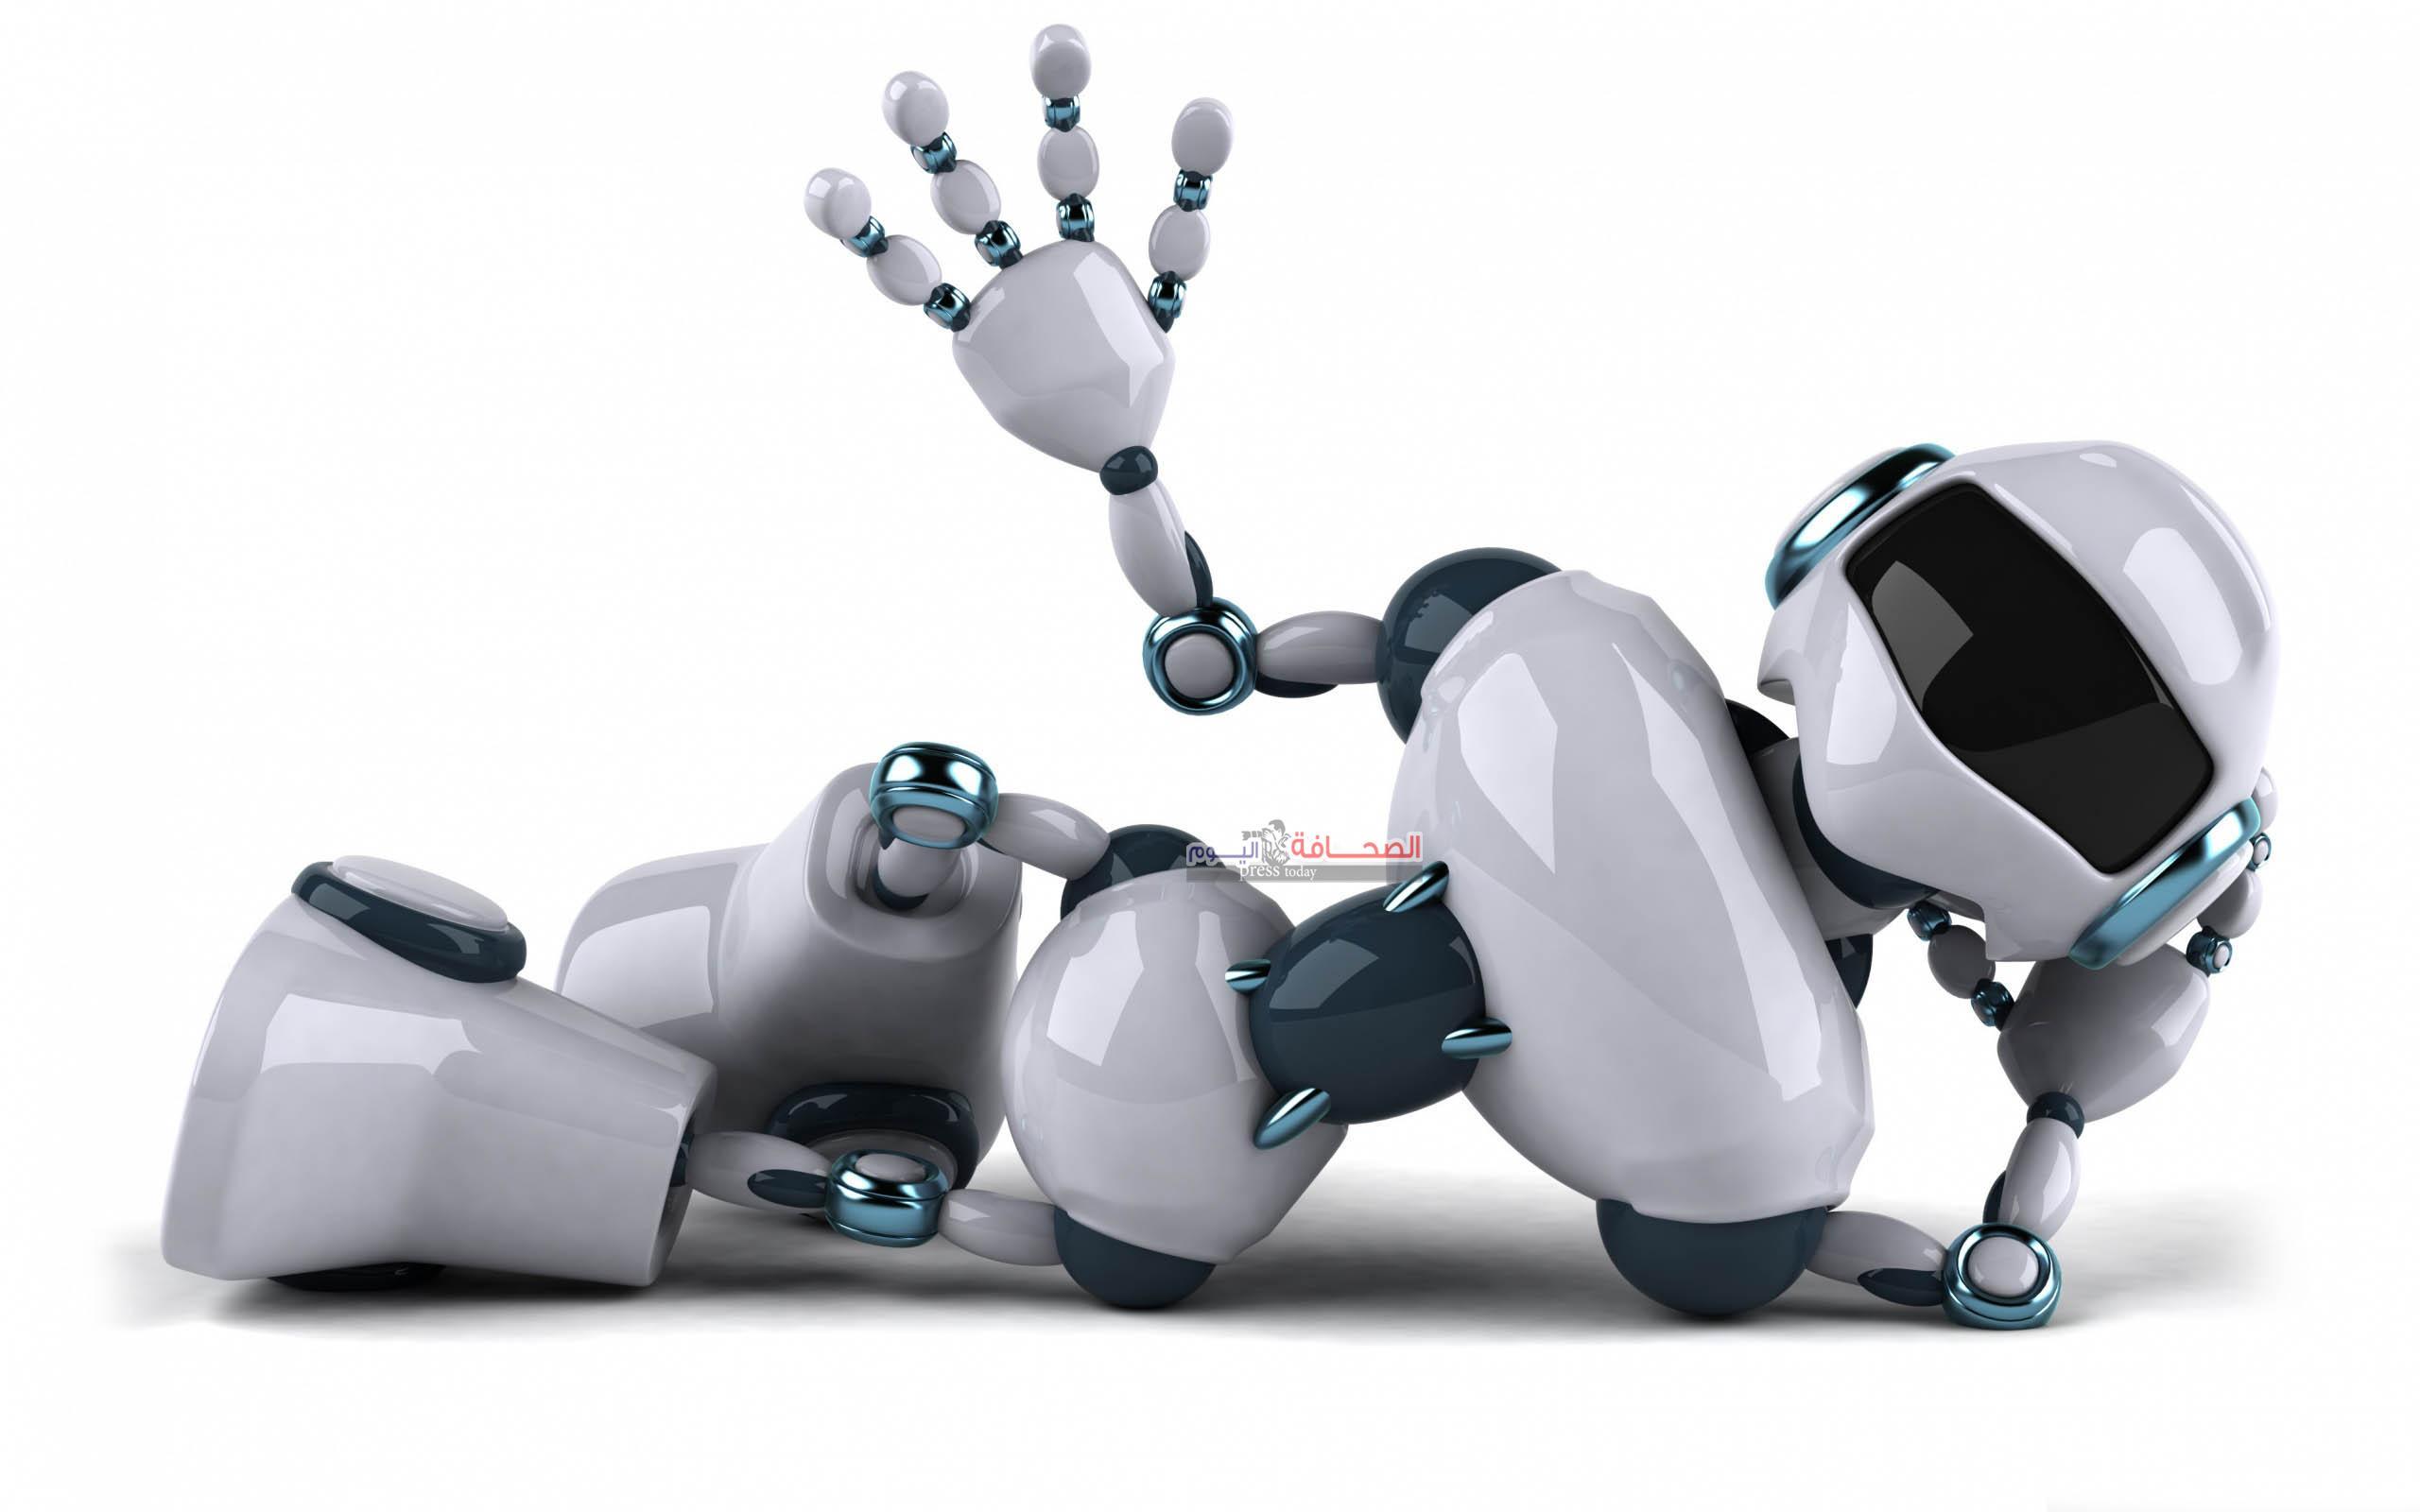 ١٠٠ مبتكر عُماني يبدأون التدرب على الإلكترونيات والروبوتات